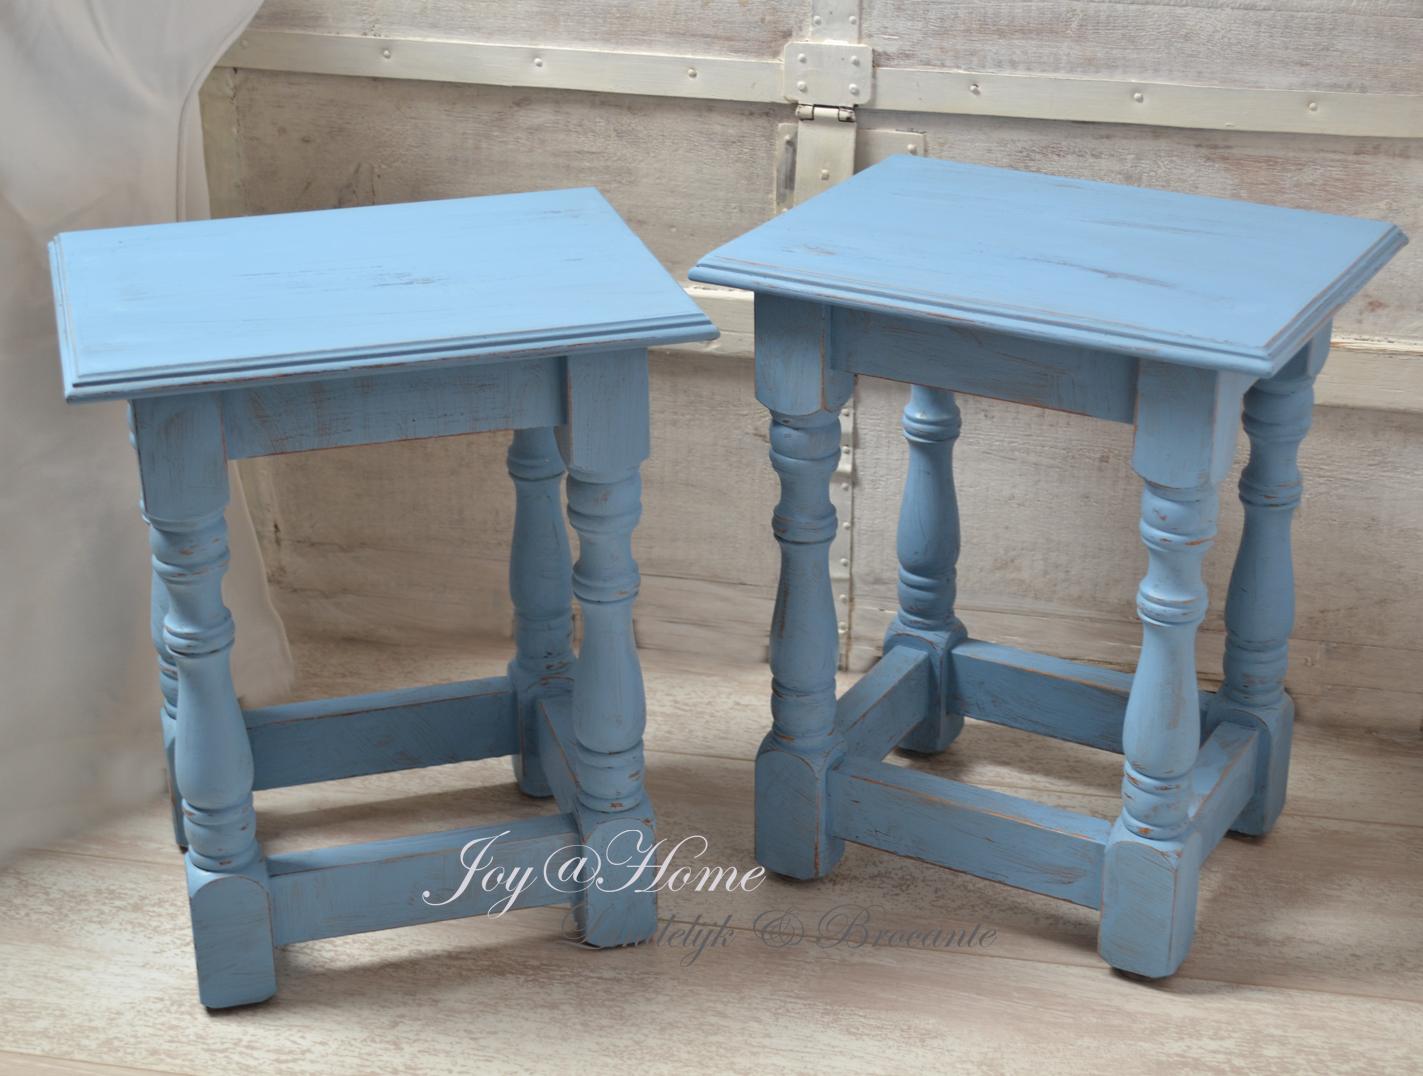 Joy@home woonaccessoires blog: ♥ Brocante antiek blauwe tafeltjes ...